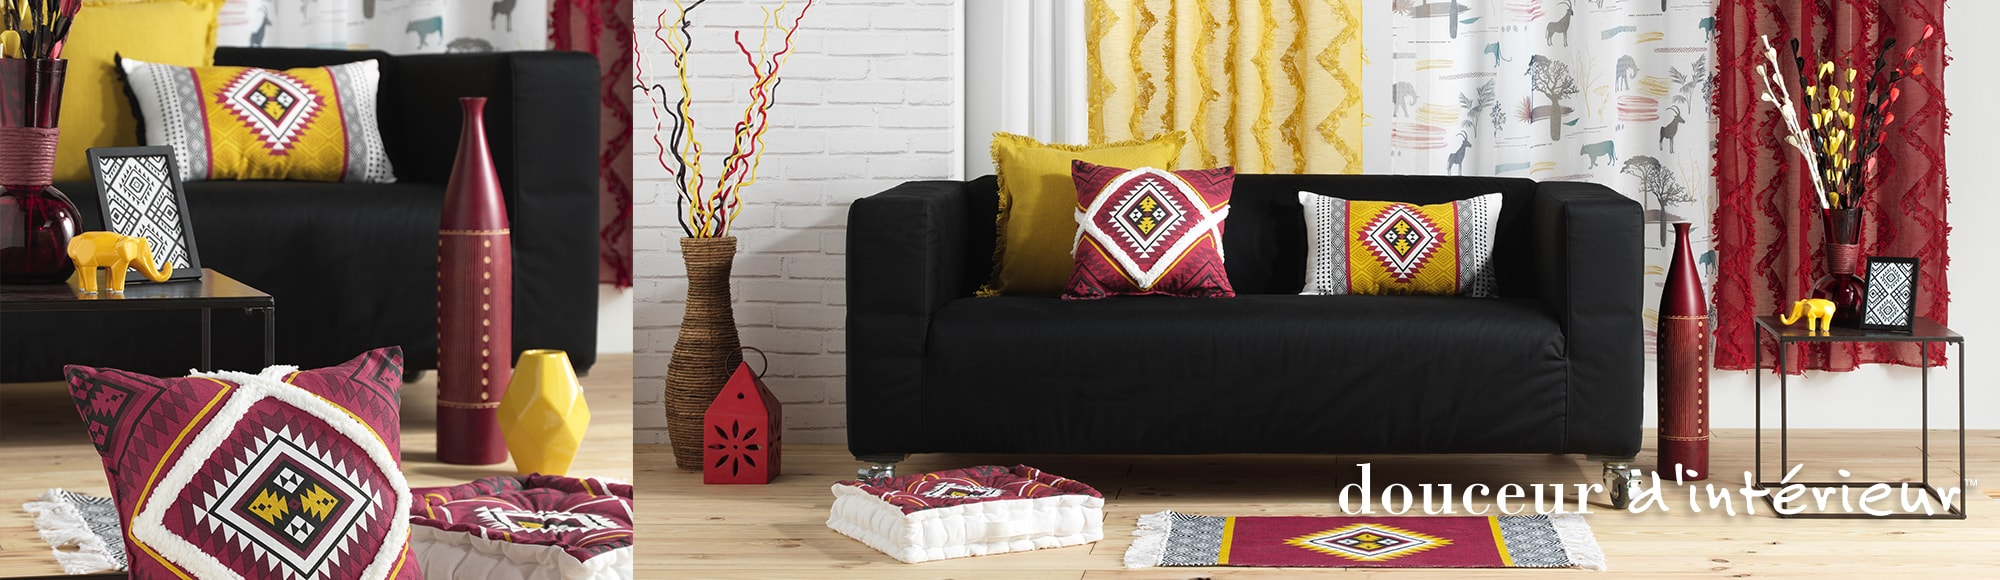 U10 - Fournisseur en décoration d'intérieur - marque douceur d'interieur - ameublement deco - theme neo berbere